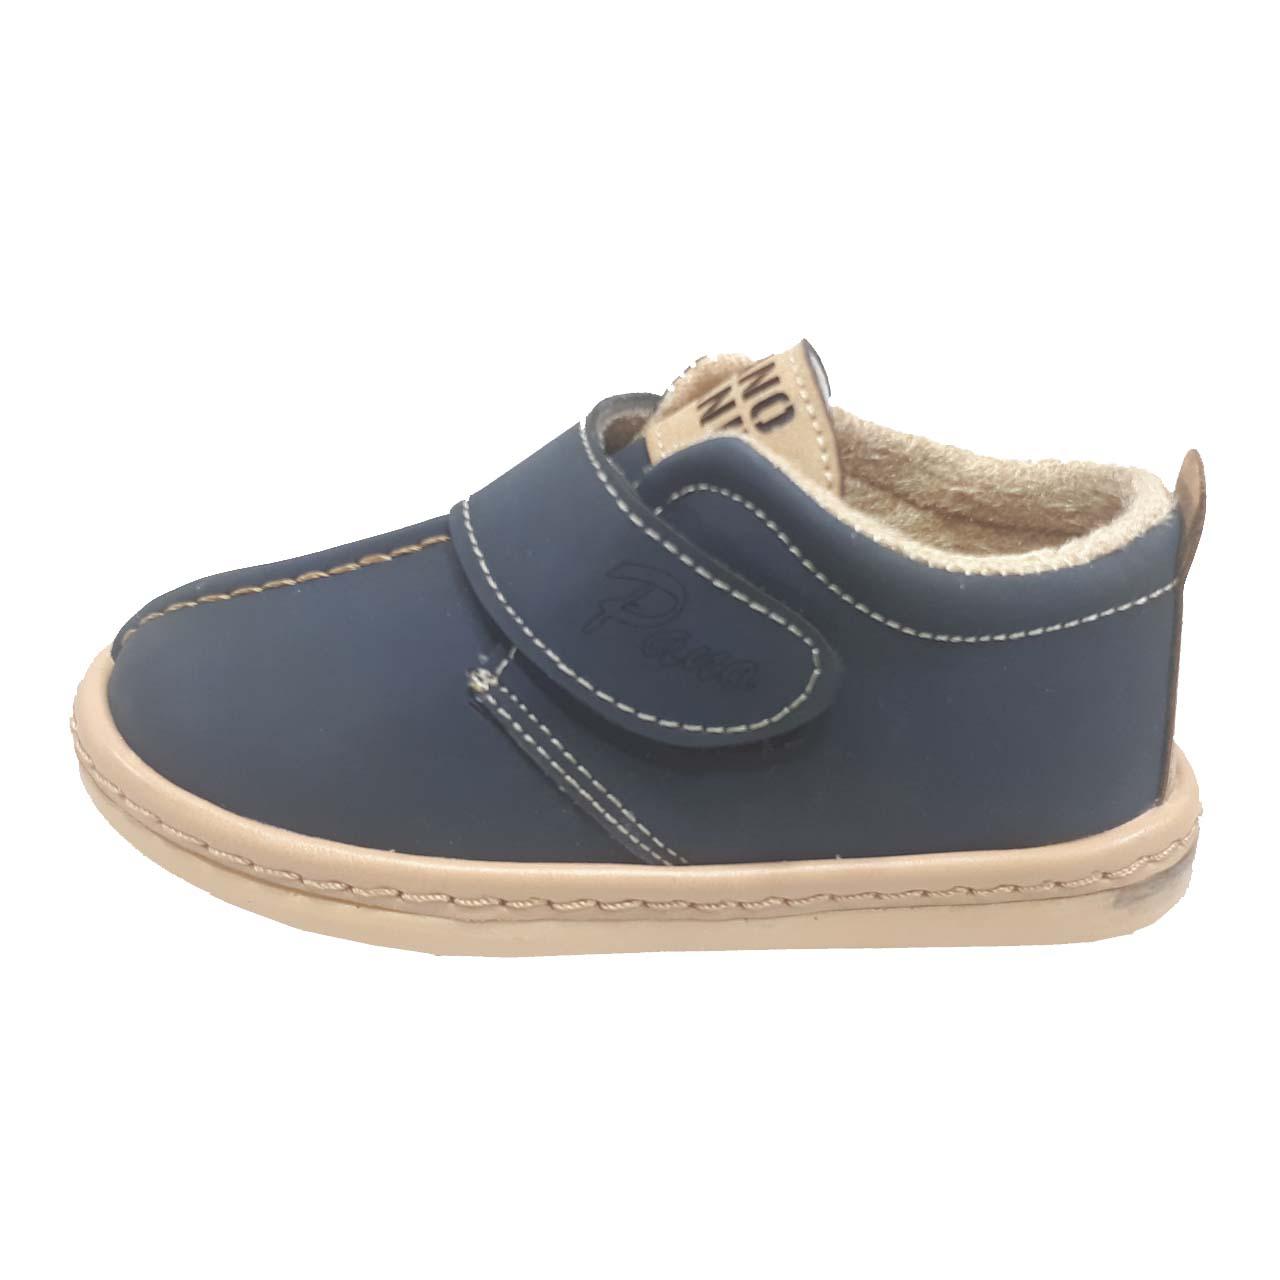 کفش بچگانه مدل پانا رنگ سرمه ای